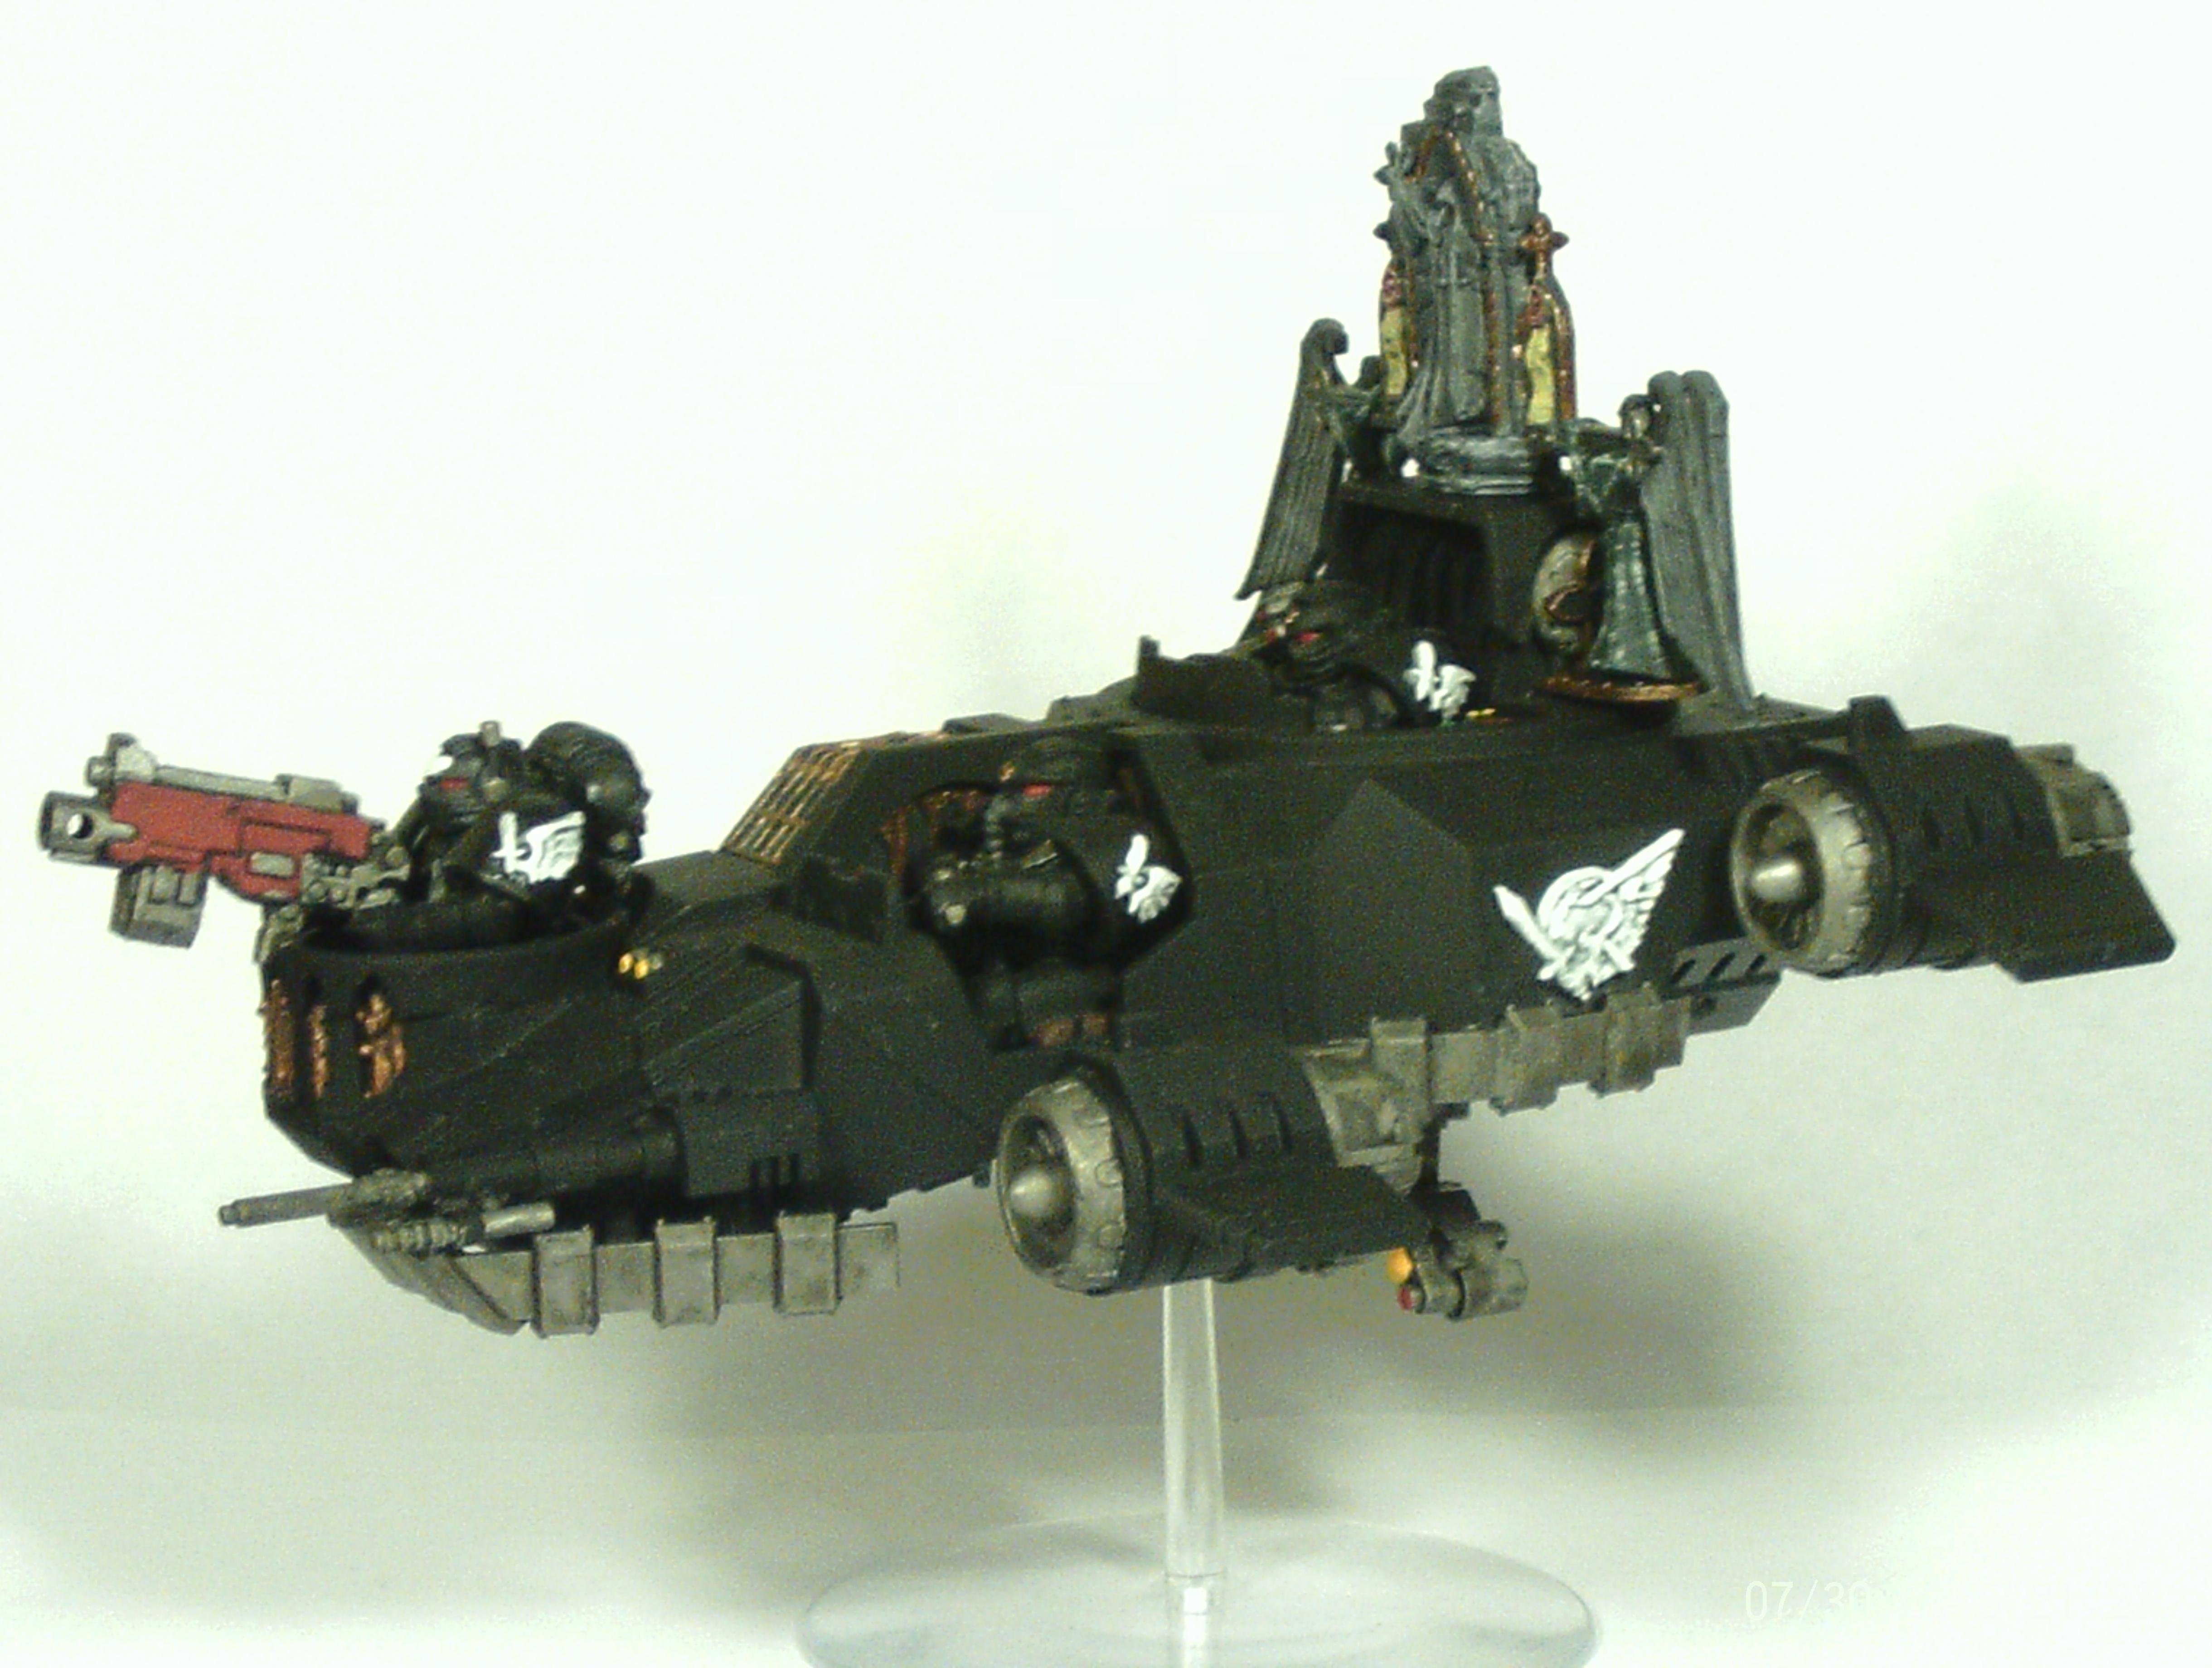 Angel, Dark, Darkshroud, Land, Land Speeder, Ravenwing, Space, Space Marines, Speeder